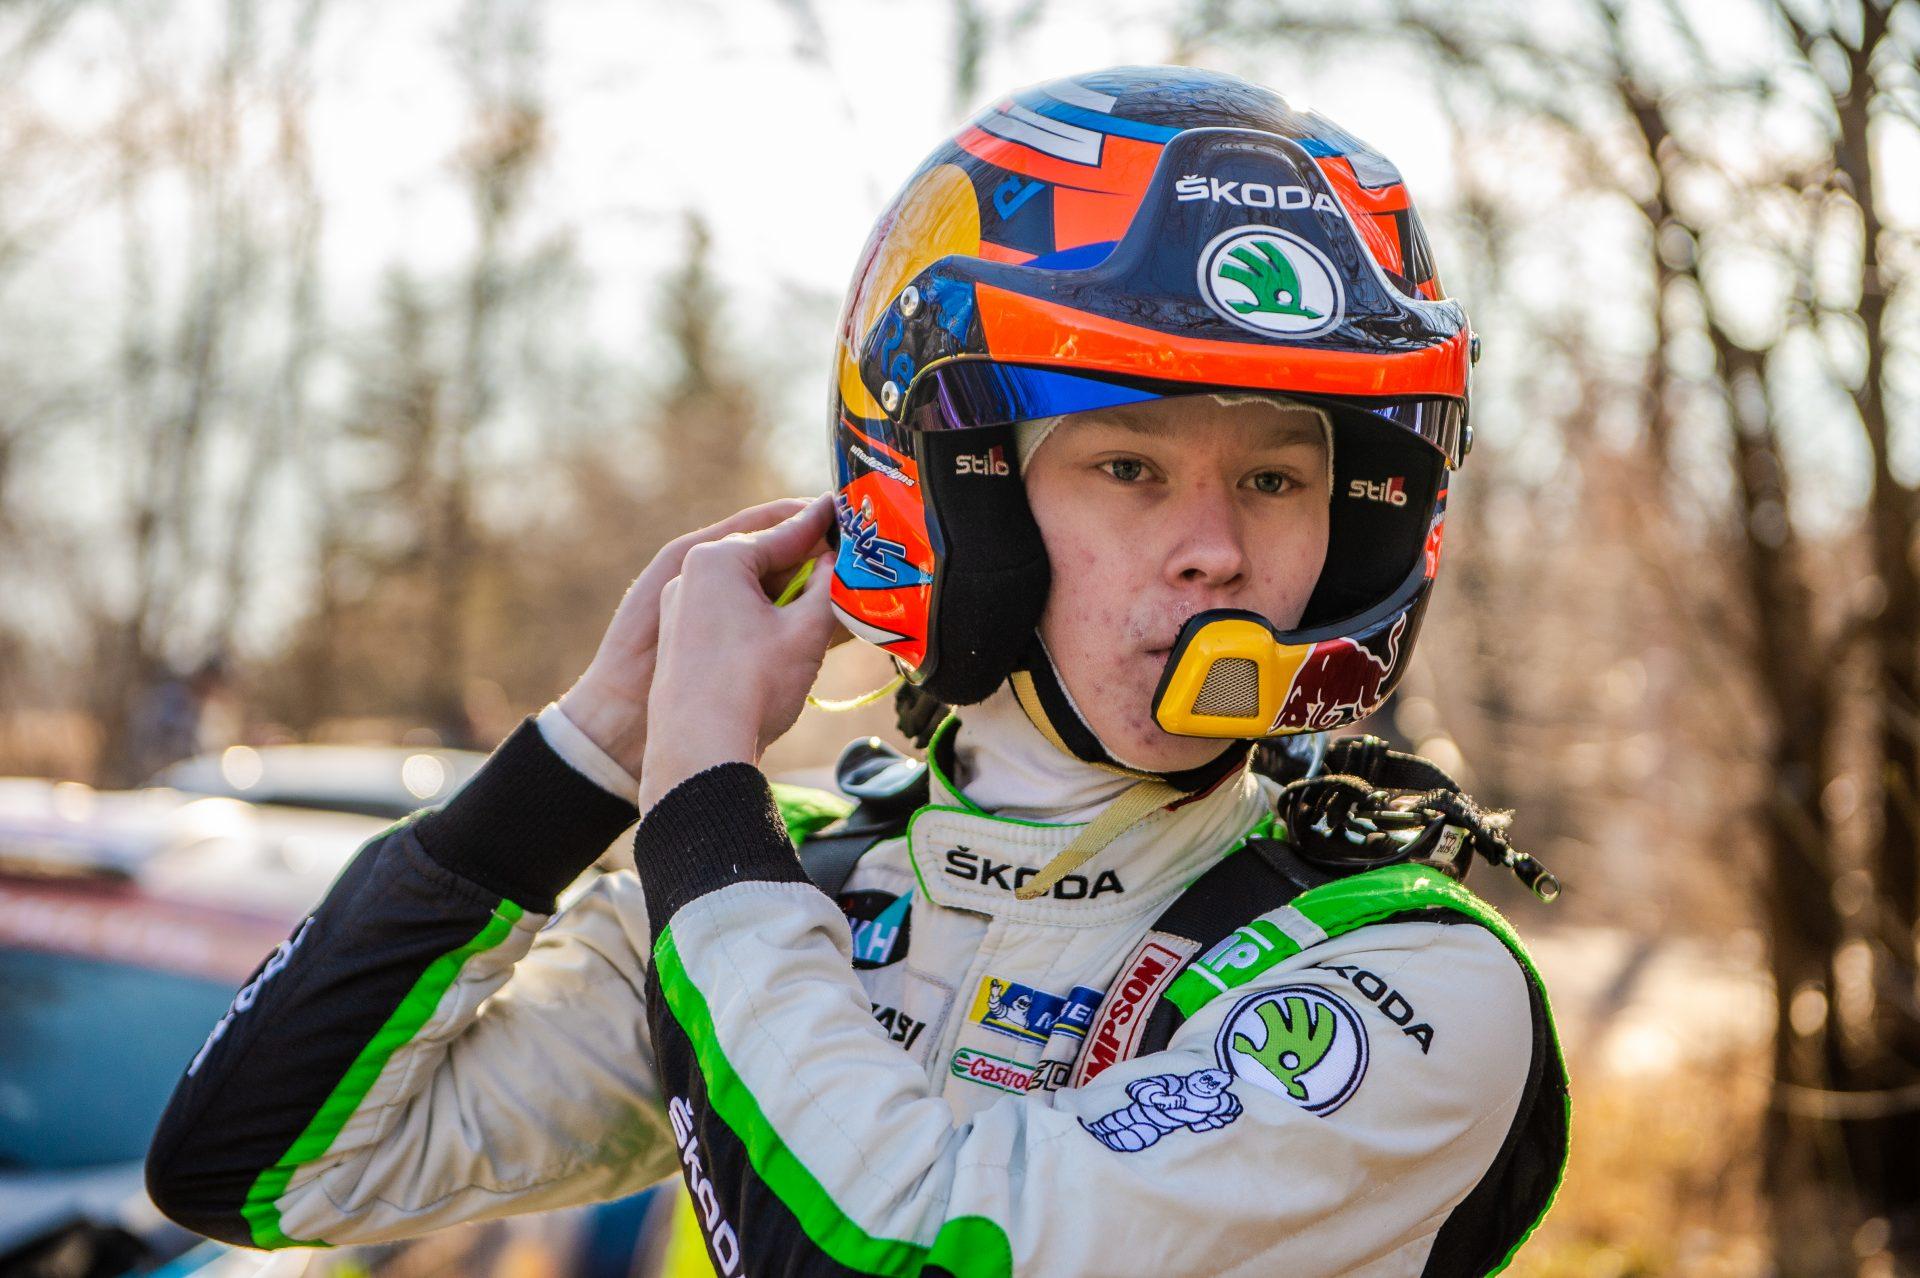 Správné nastavení auta je loterie: Kalle o Rallye Monte Carlo 2019